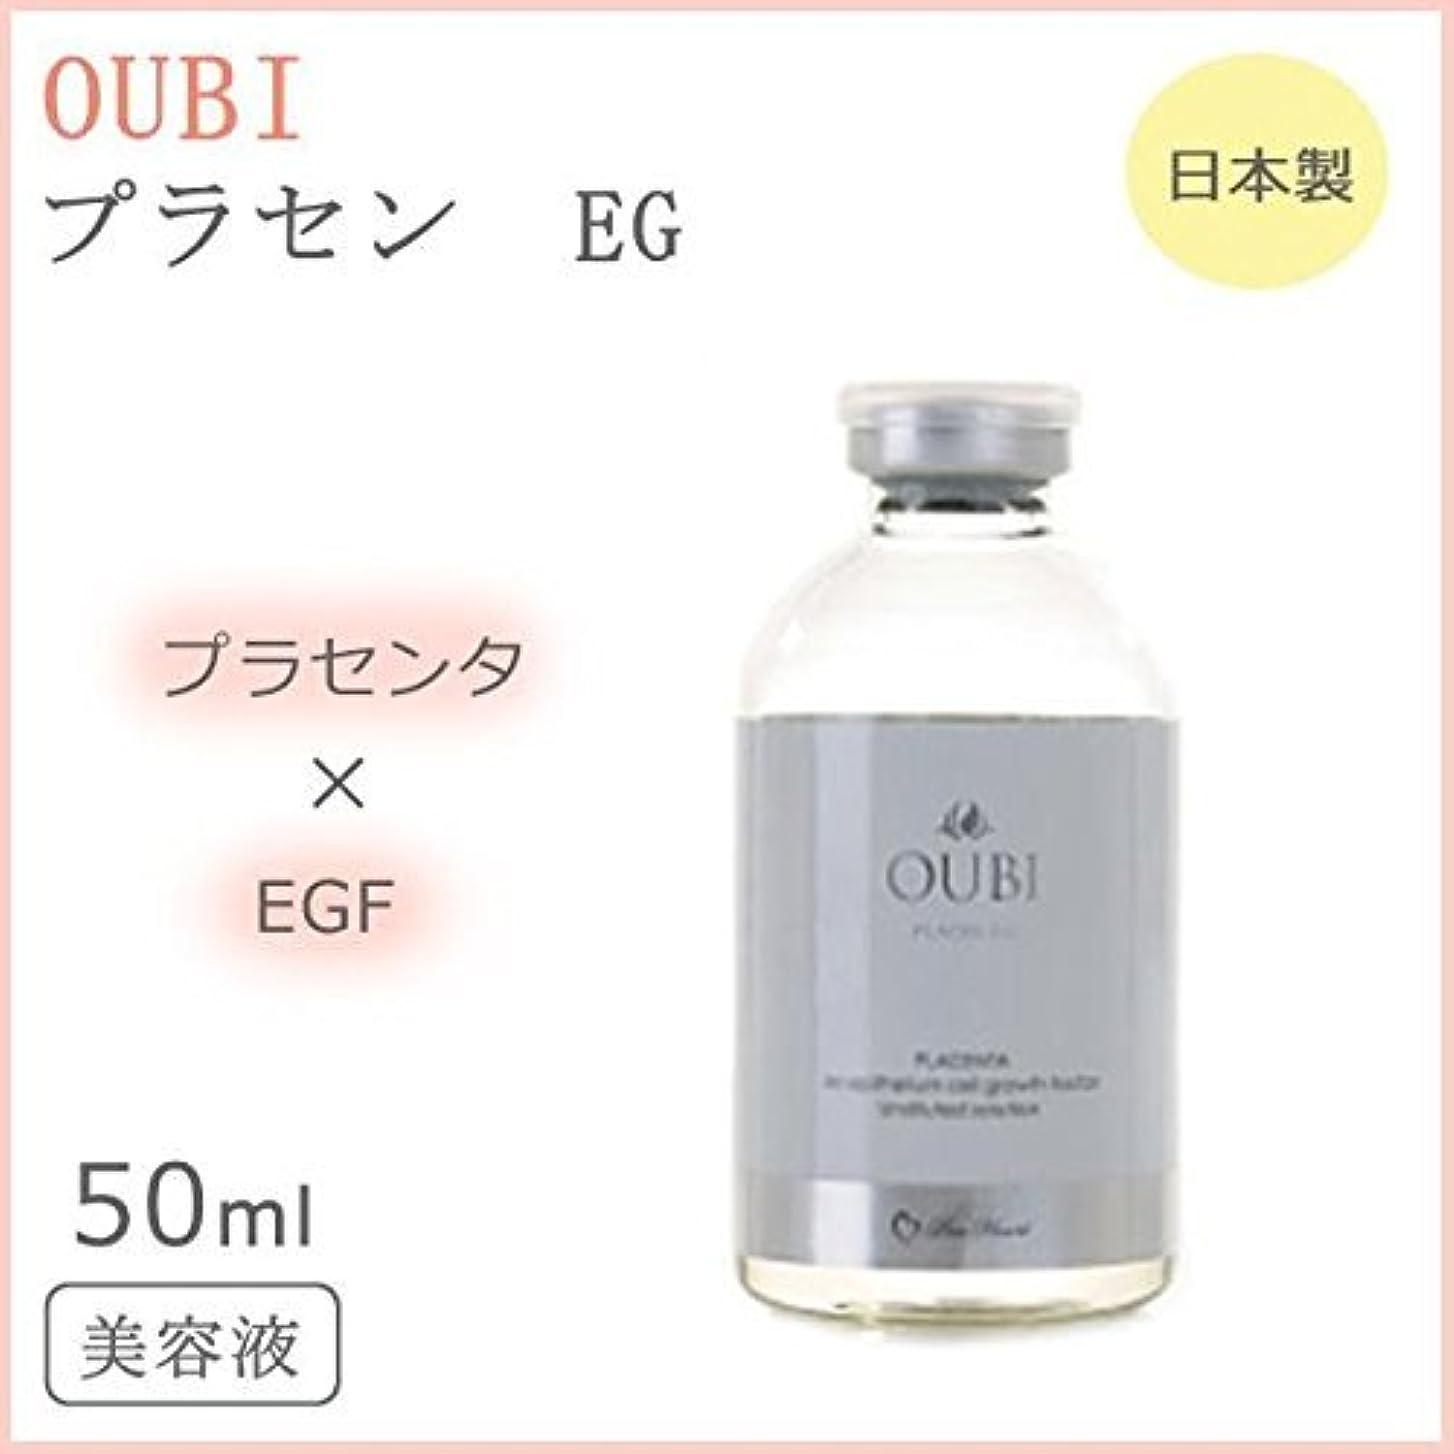 端活発略語OUBIプラセンEG50ml